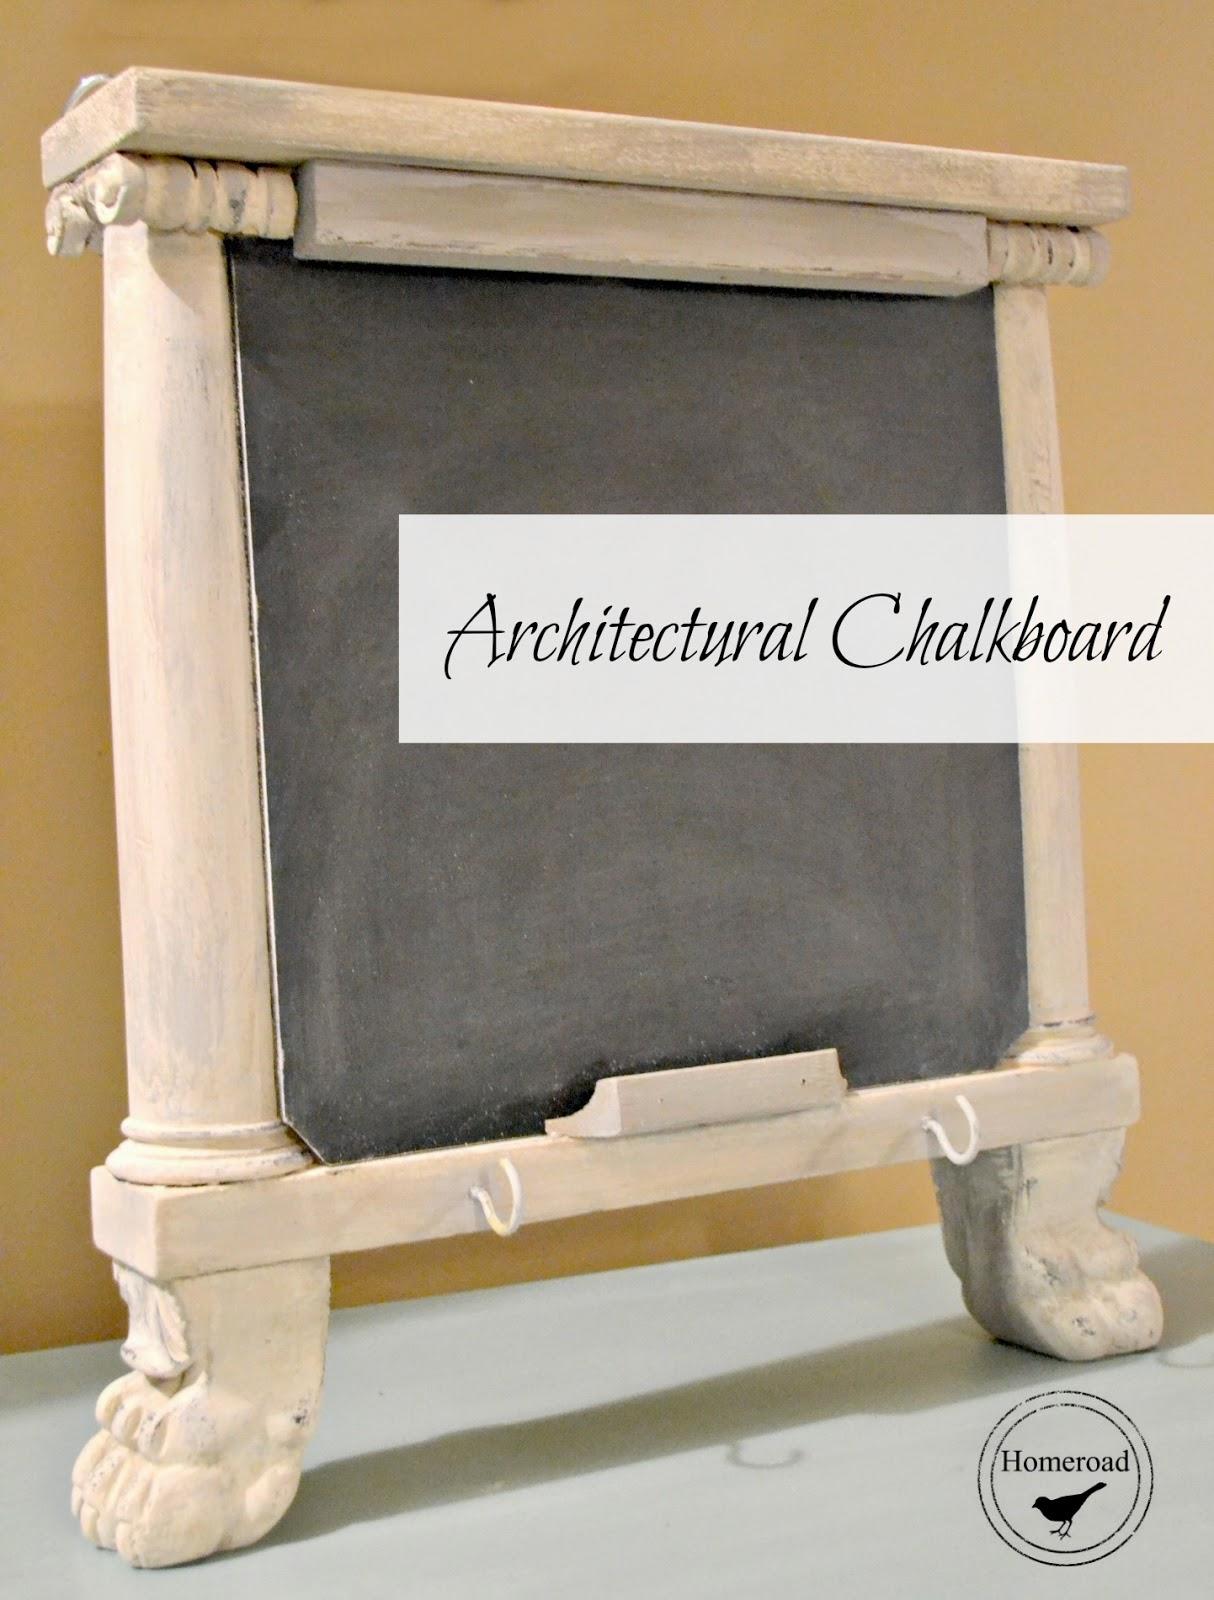 repurposed architectural chalkboard www.homeroad.net